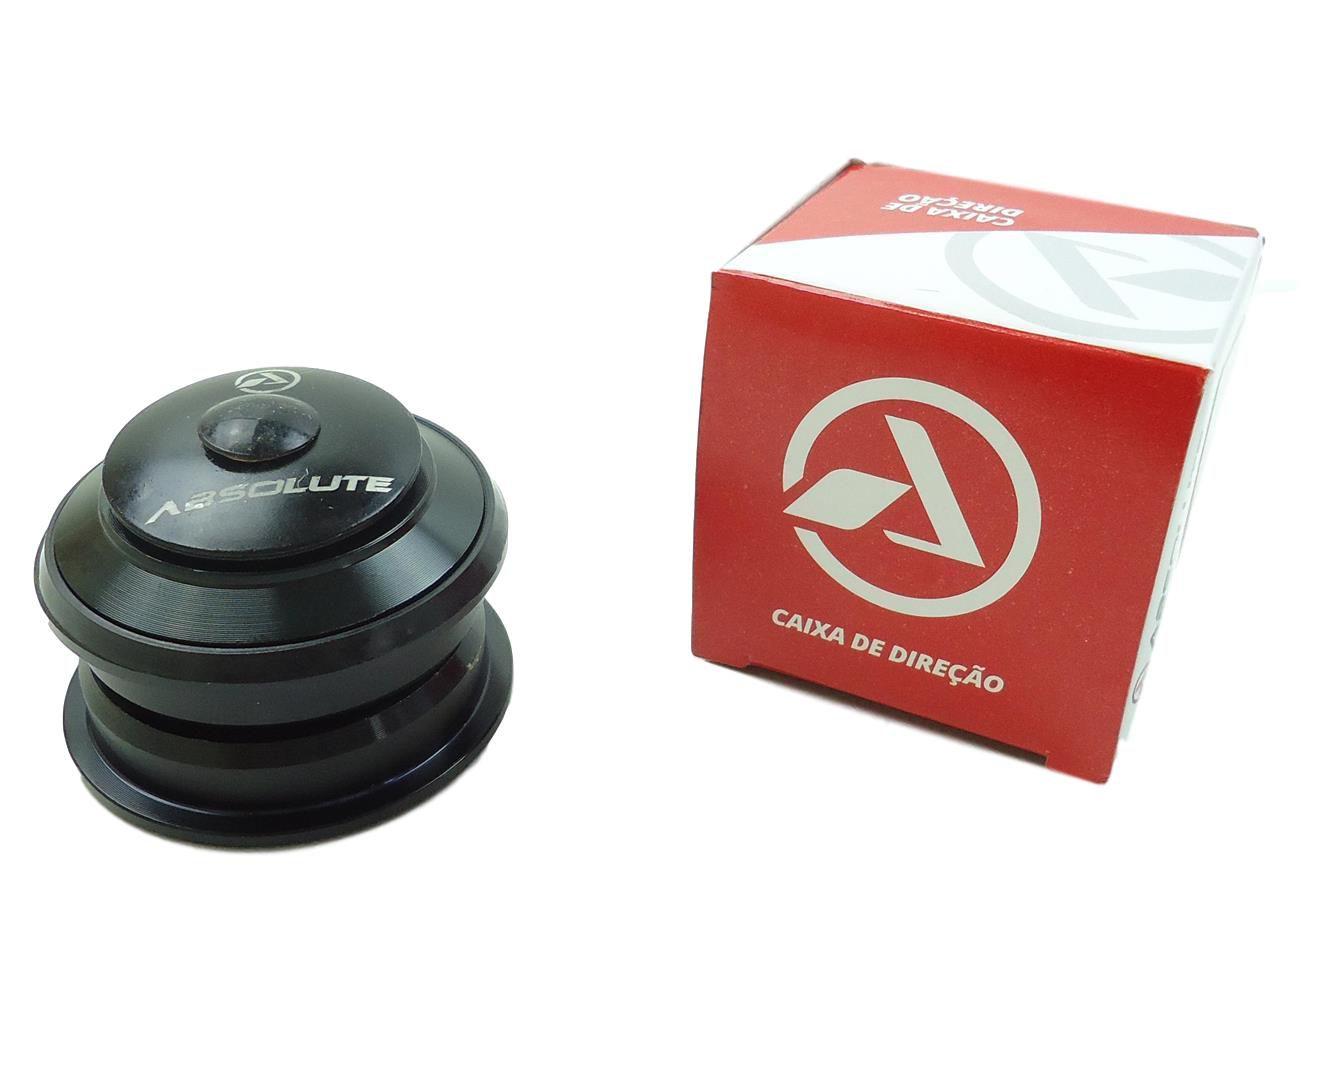 Caixa de Direção Absolute Megaover com Rolamentos Semi Integrada 44mm Para Quadros e Suspensões Espiga Reta